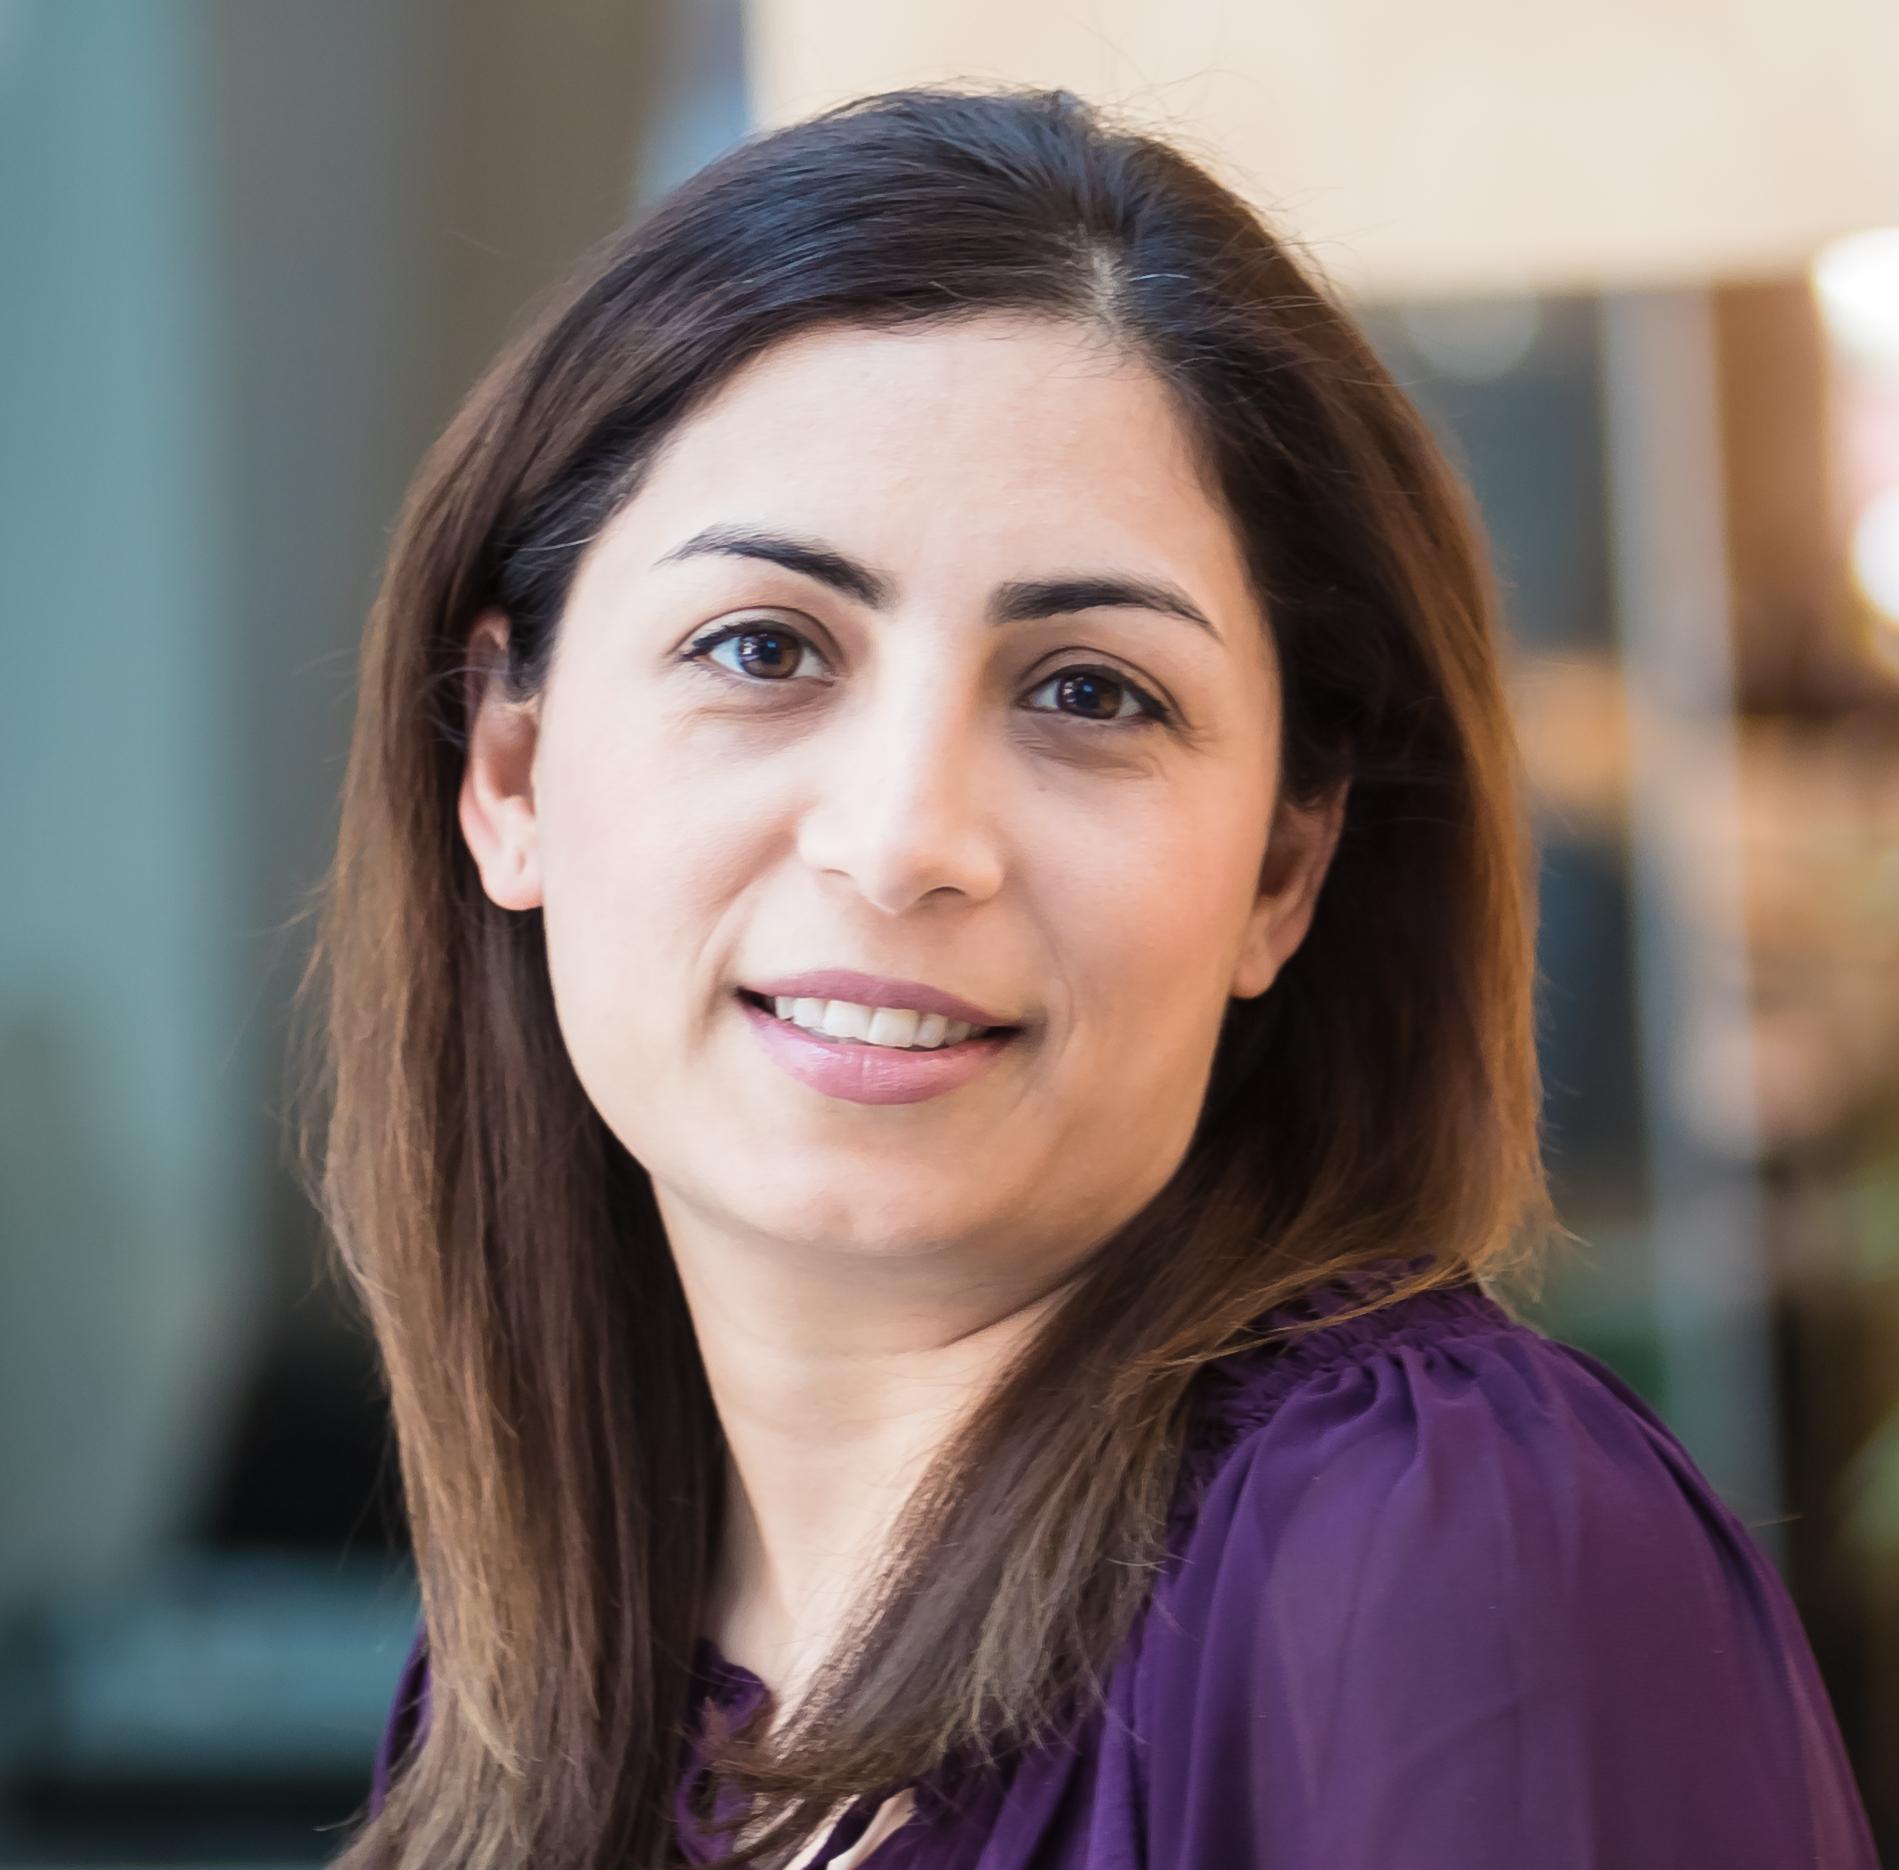 Najmeh Hassanli